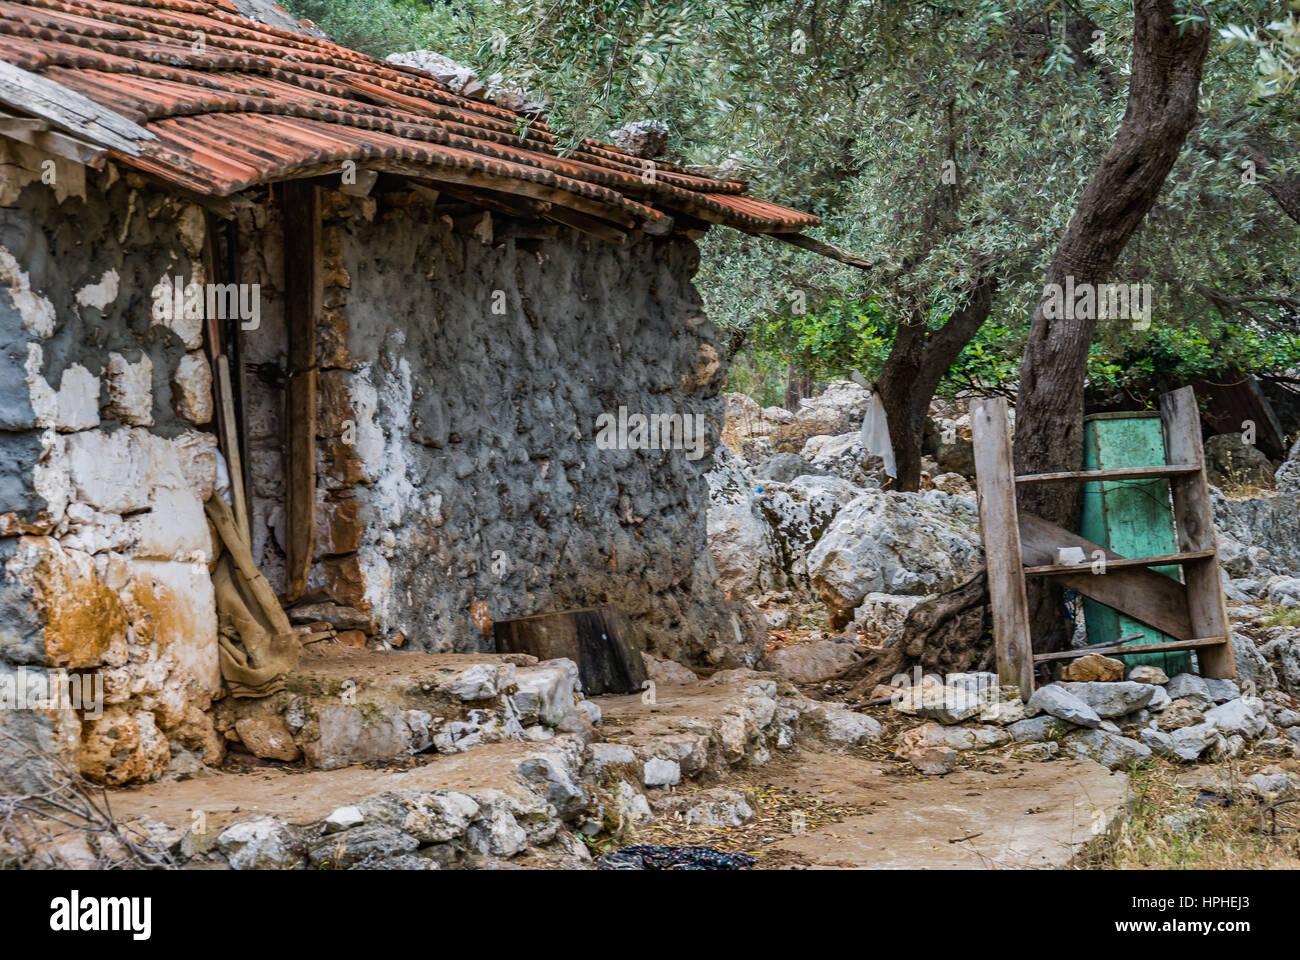 Abandoned Stone House On The Mountainbookshelf In Garden Dag Basinda Terkedilmis Ev Bahcesinde Ahsap Kitaplik